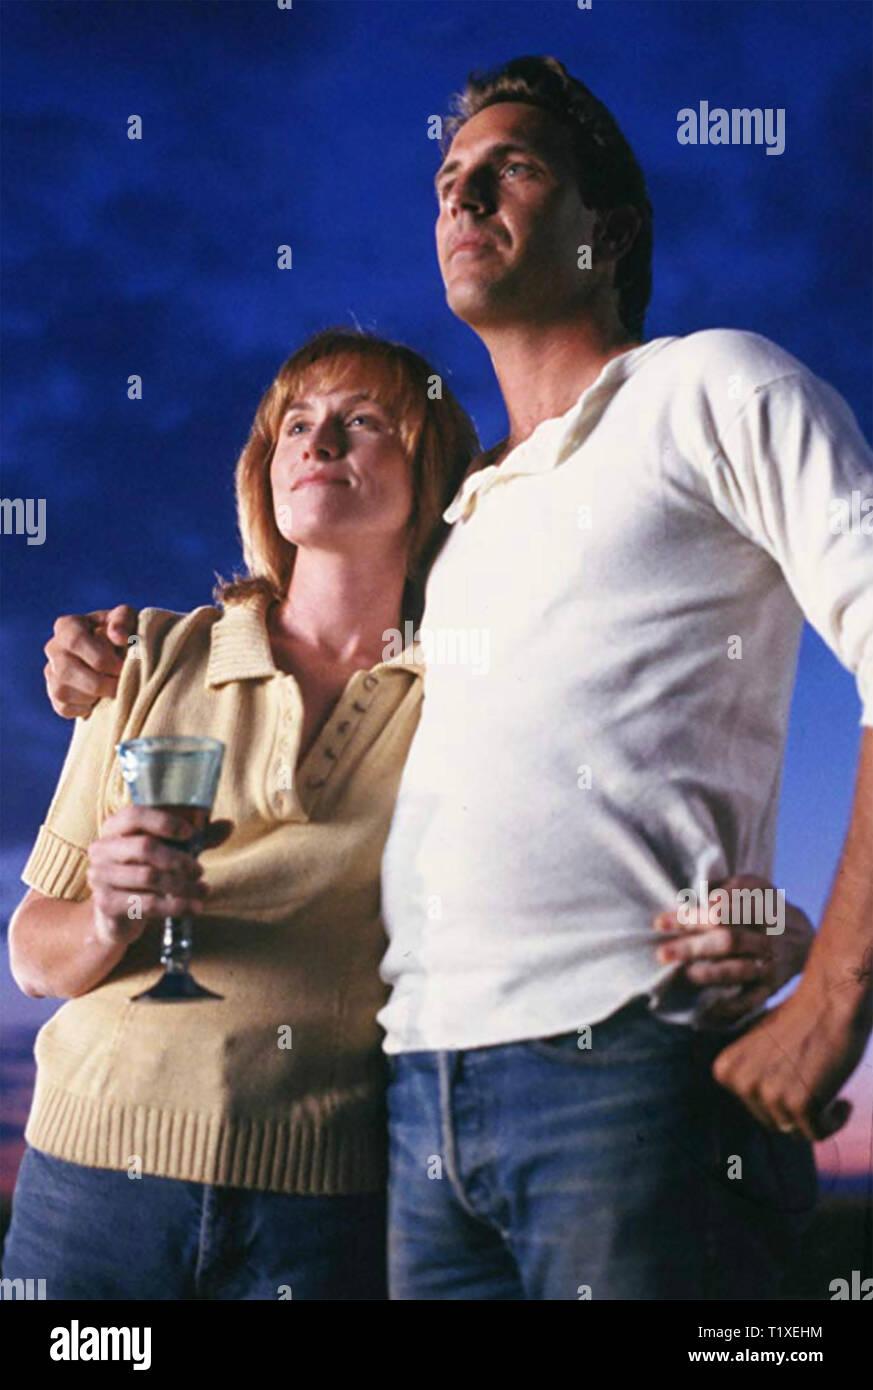 Feld der Träume 1989 Universal Pictures Film mit Kevin Costner und Amy Madigan Stockbild